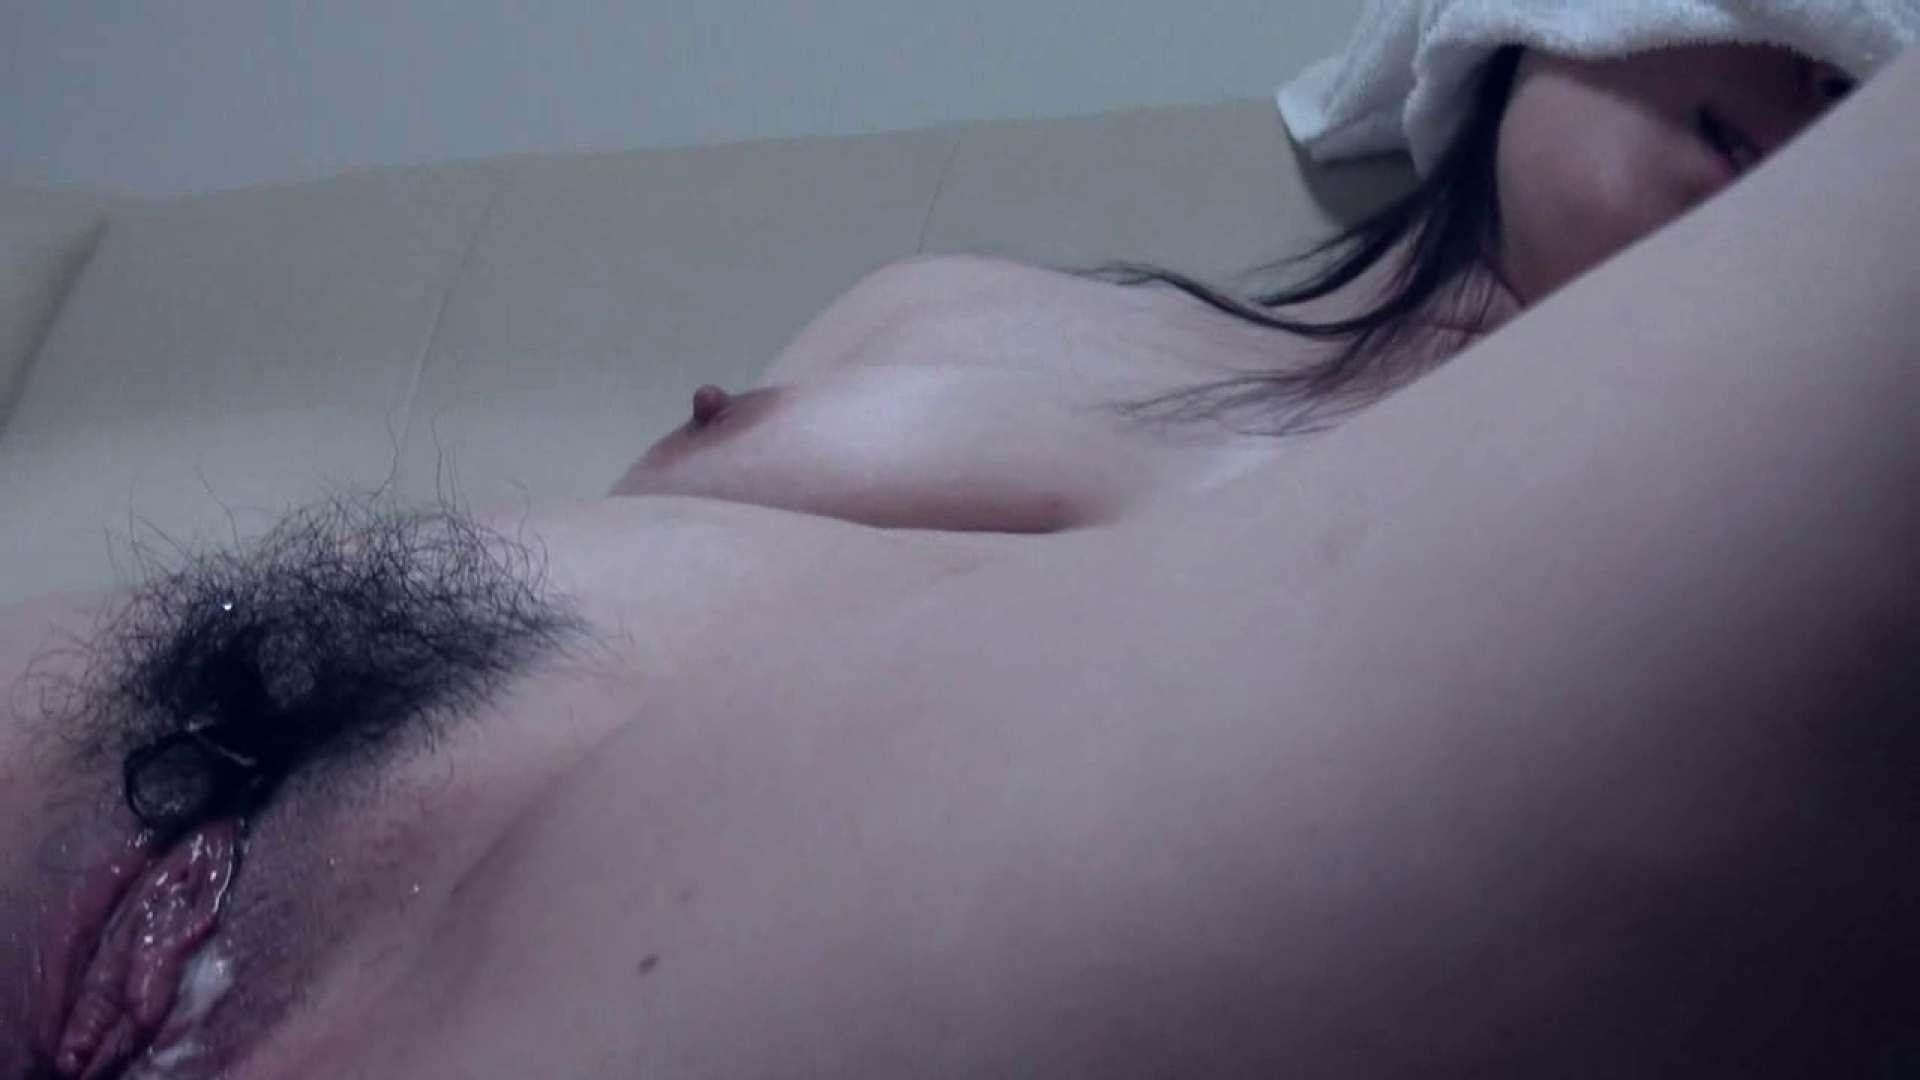 泥酔同級生セックスフレンドさゆりVol.3 マンコ・ムレムレ 隠し撮りオマンコ動画紹介 95pic 88